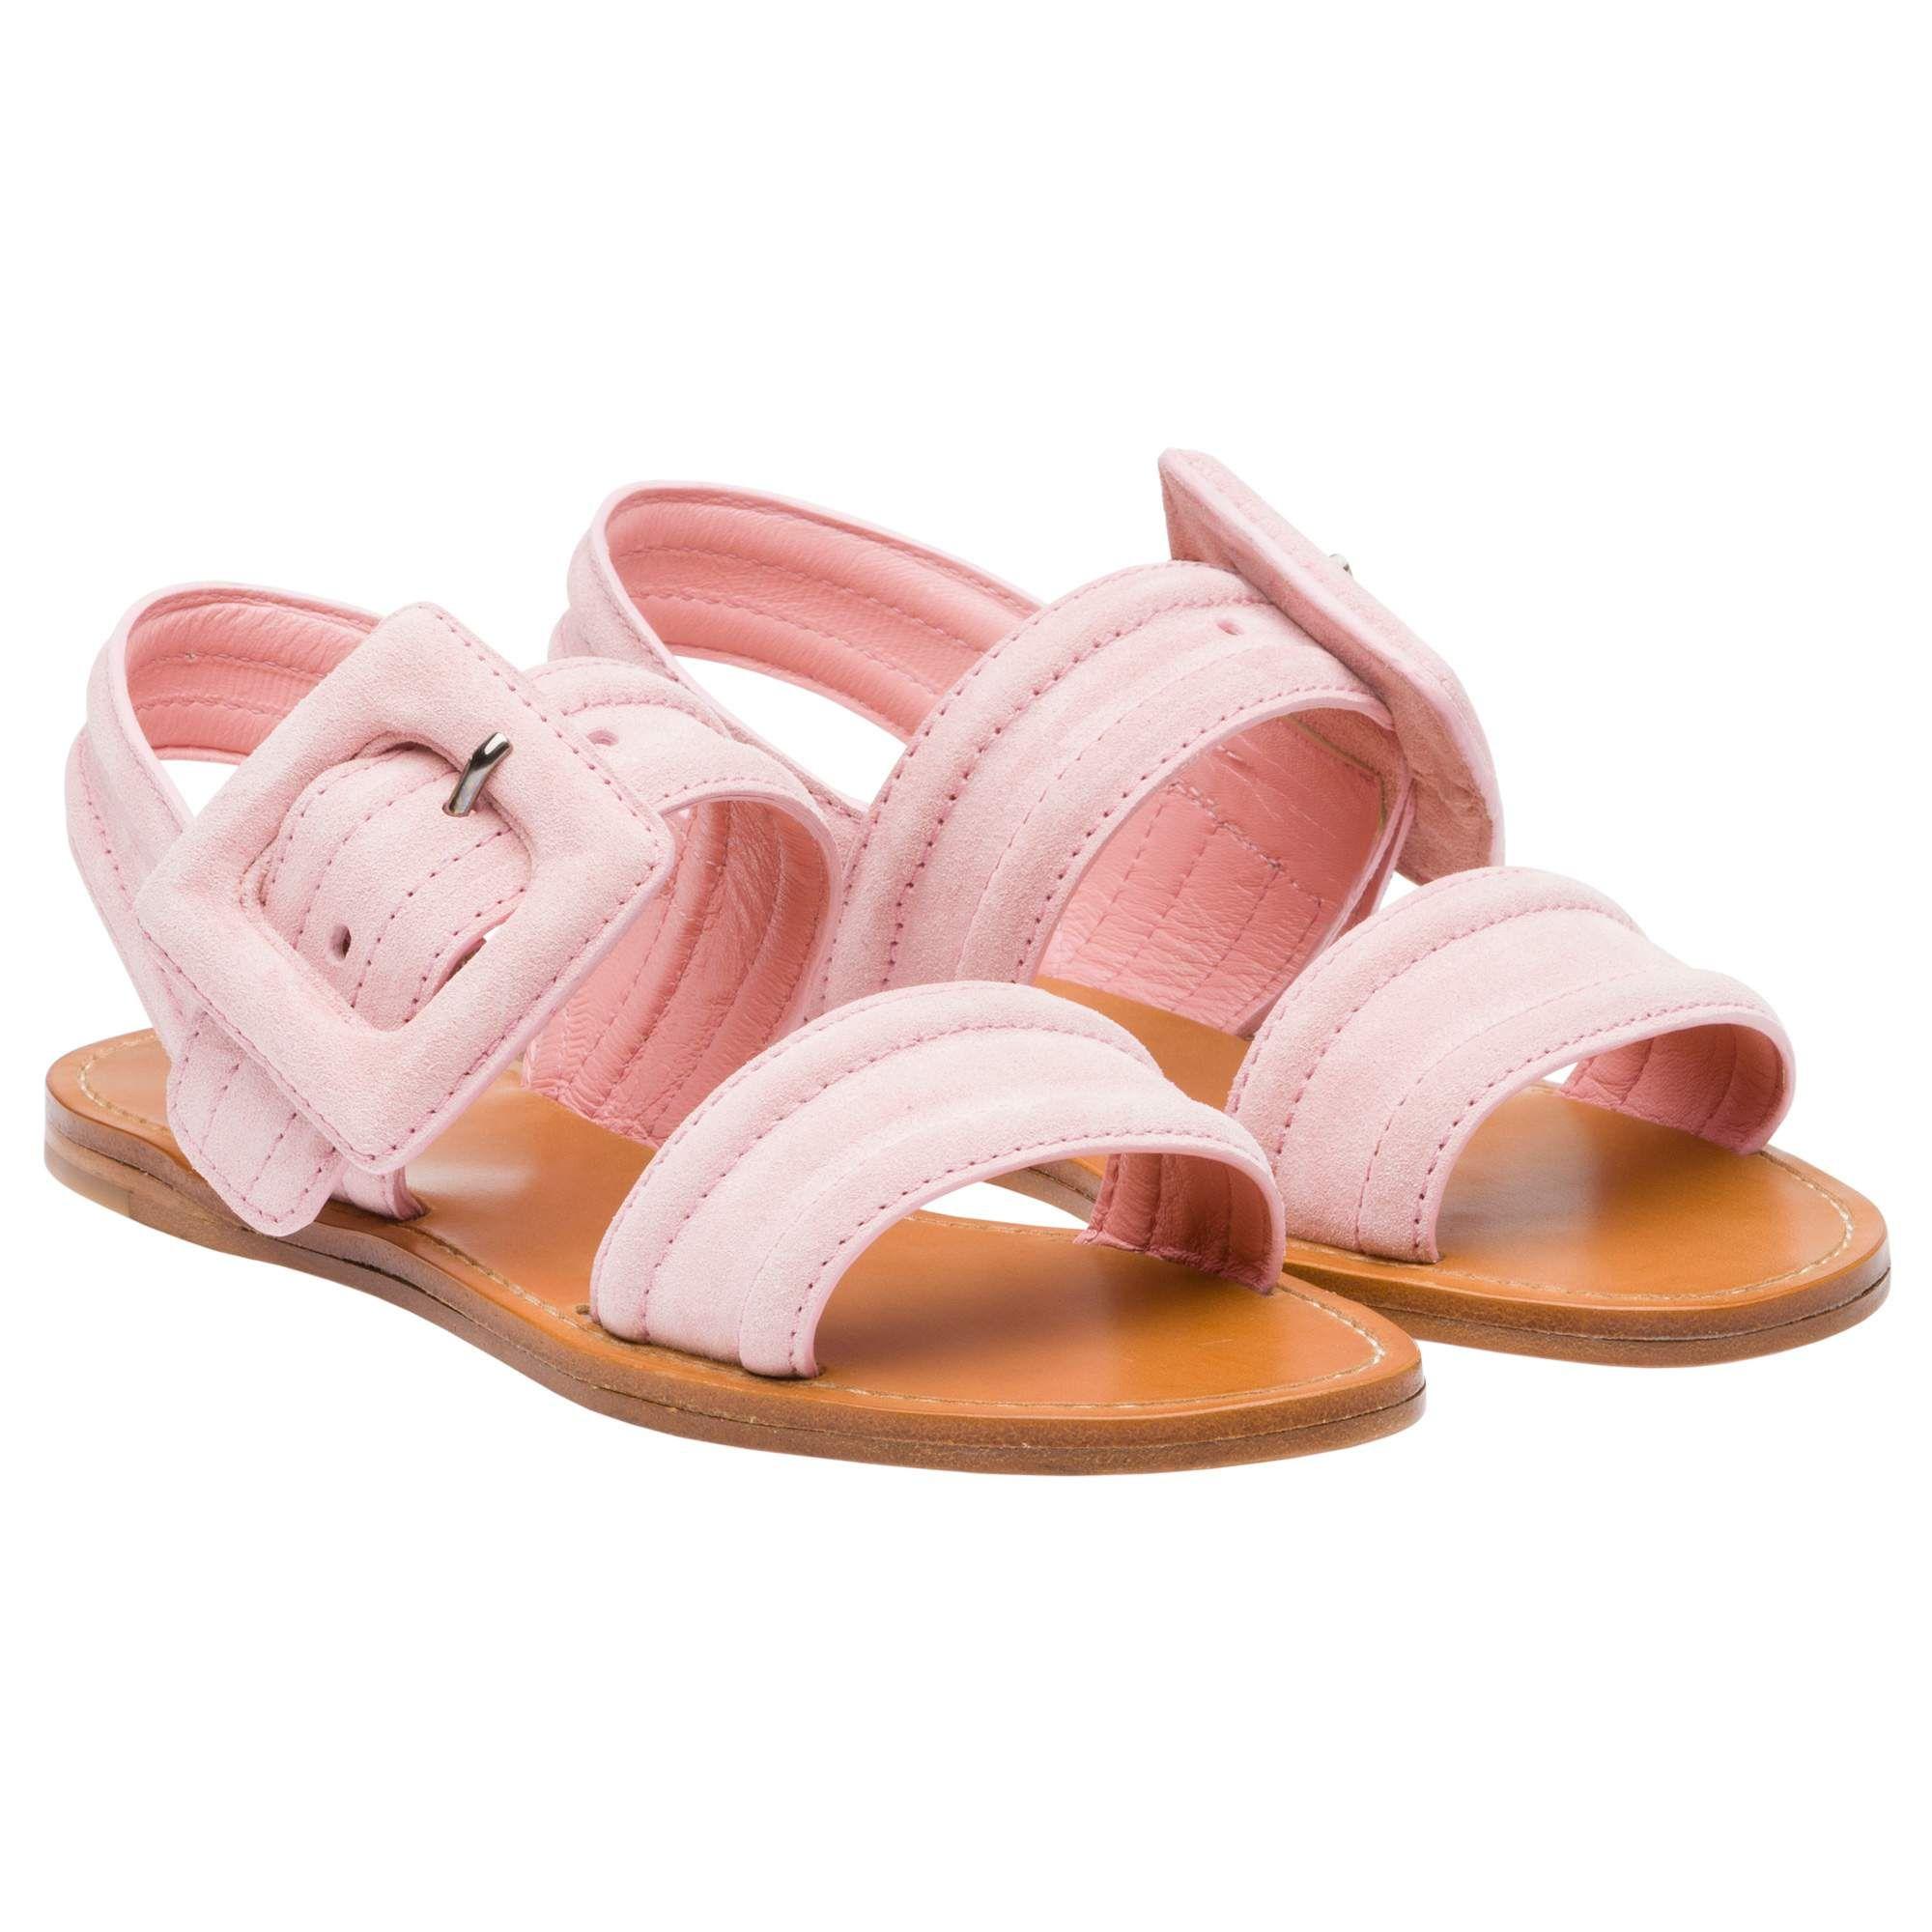 0bc75e0a3ad Zoom-bootstrap   Shoes   Clothes   Pinterest   Miu miu, Handbags ...